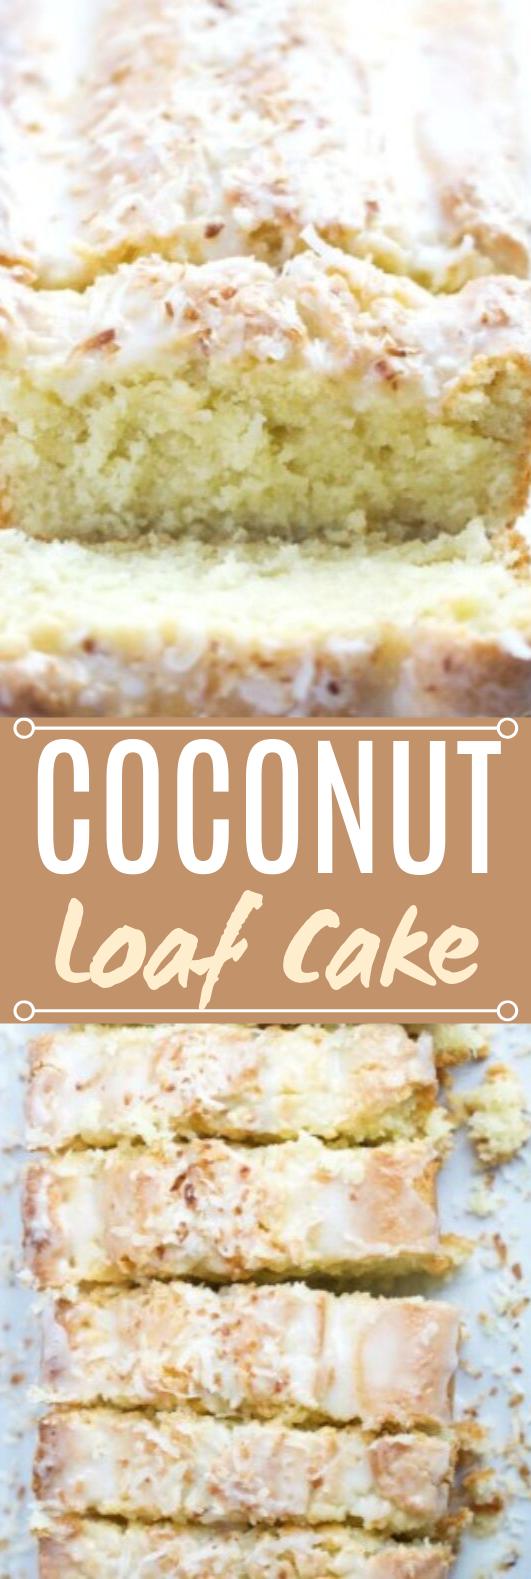 Coconut Loaf Cake #desserts #cake